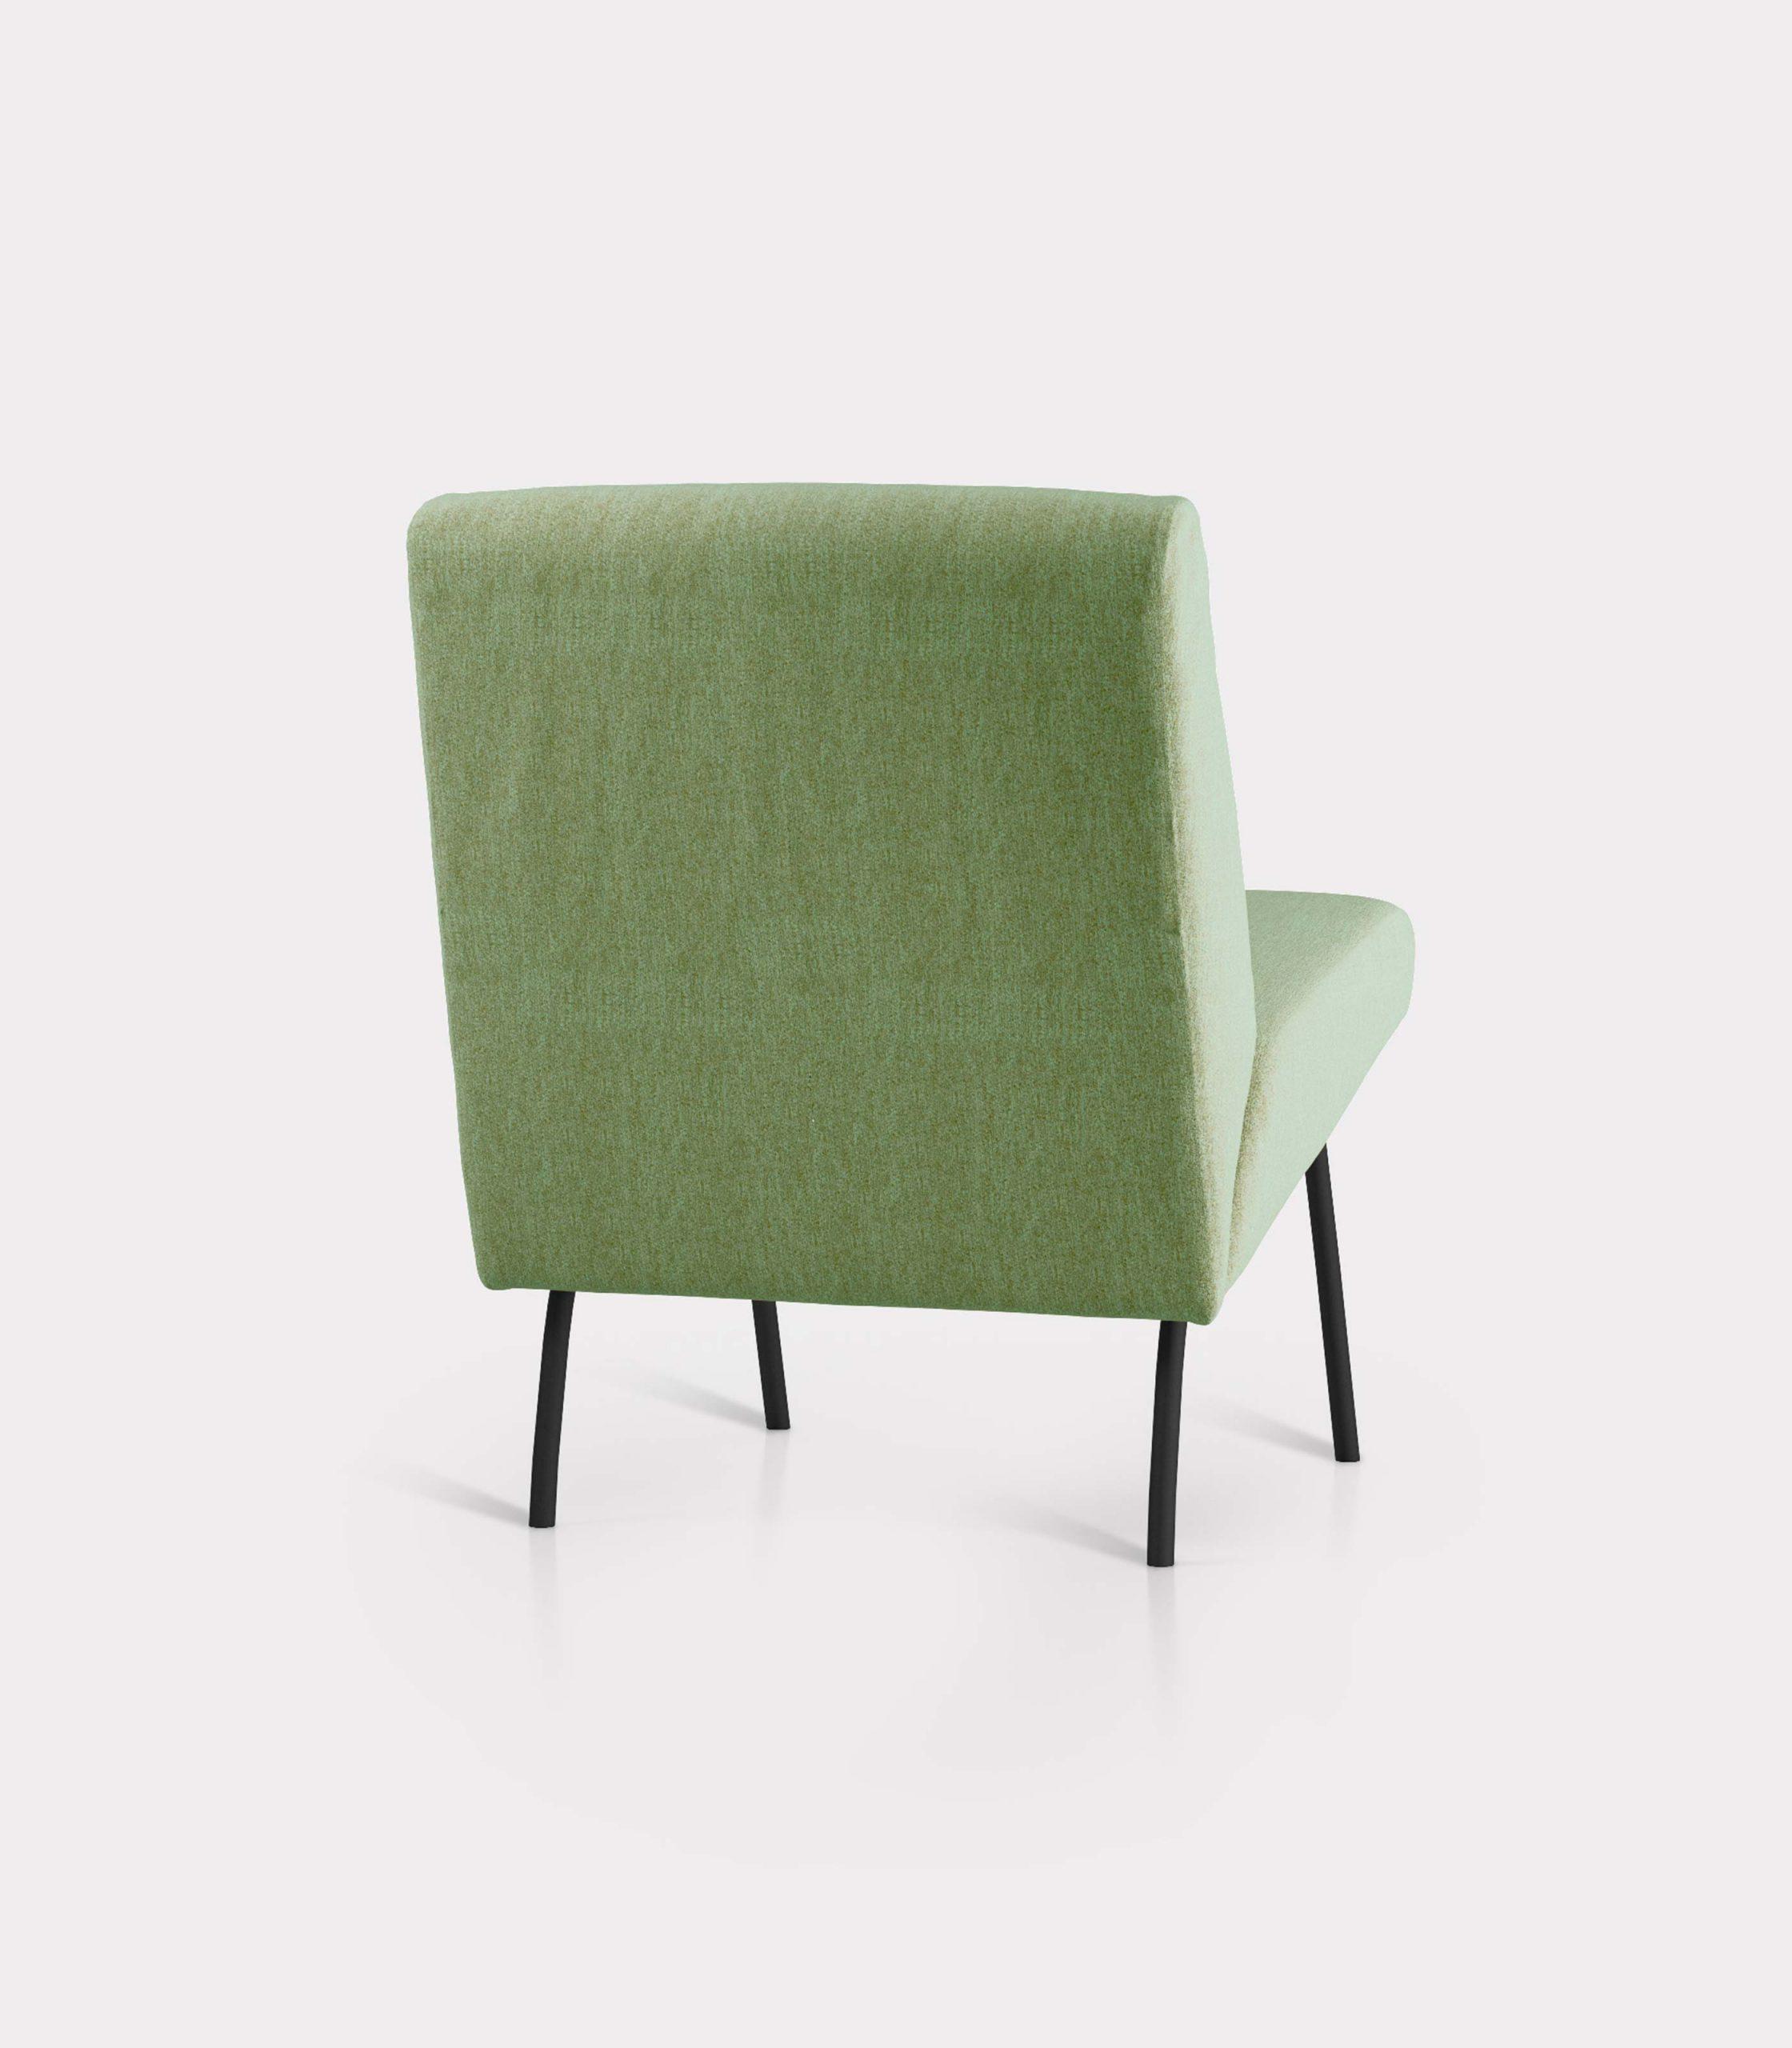 poltrona solid verde oliva milano design R